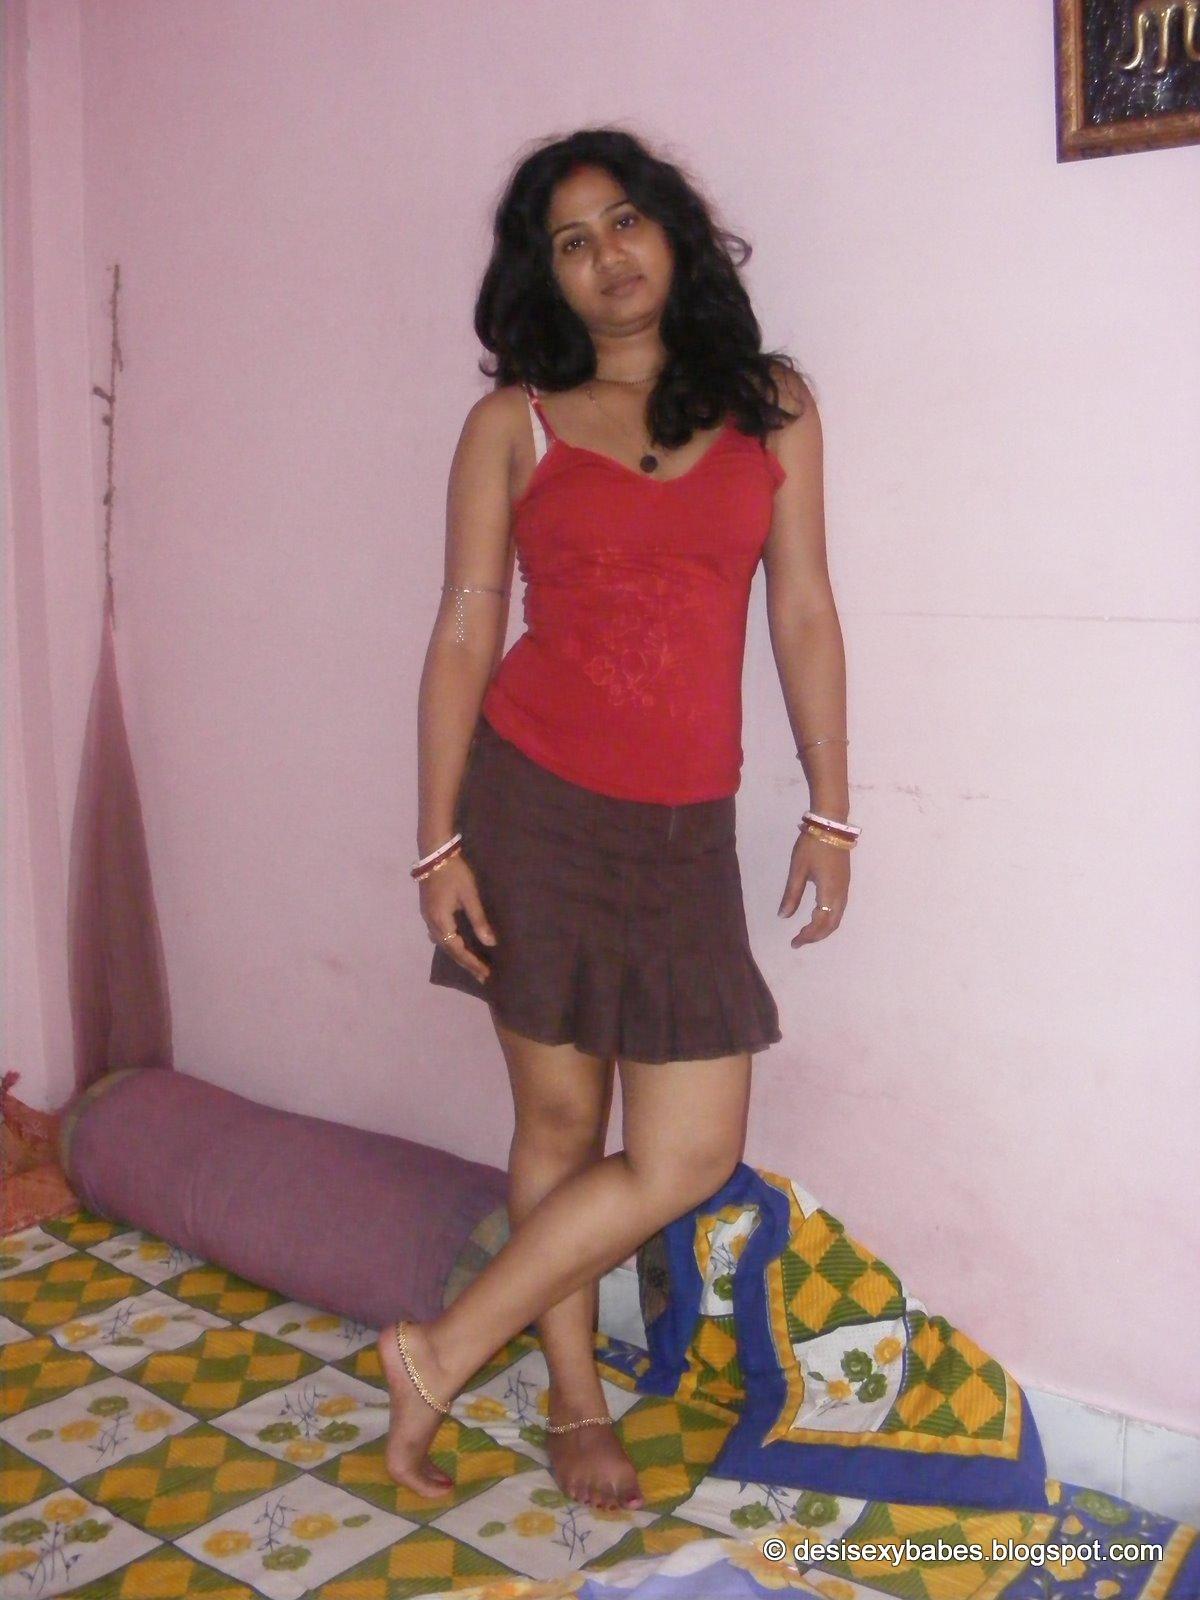 Rajkot Bhabhi Nude Photos Naked Gujarati Desi Bhabhi